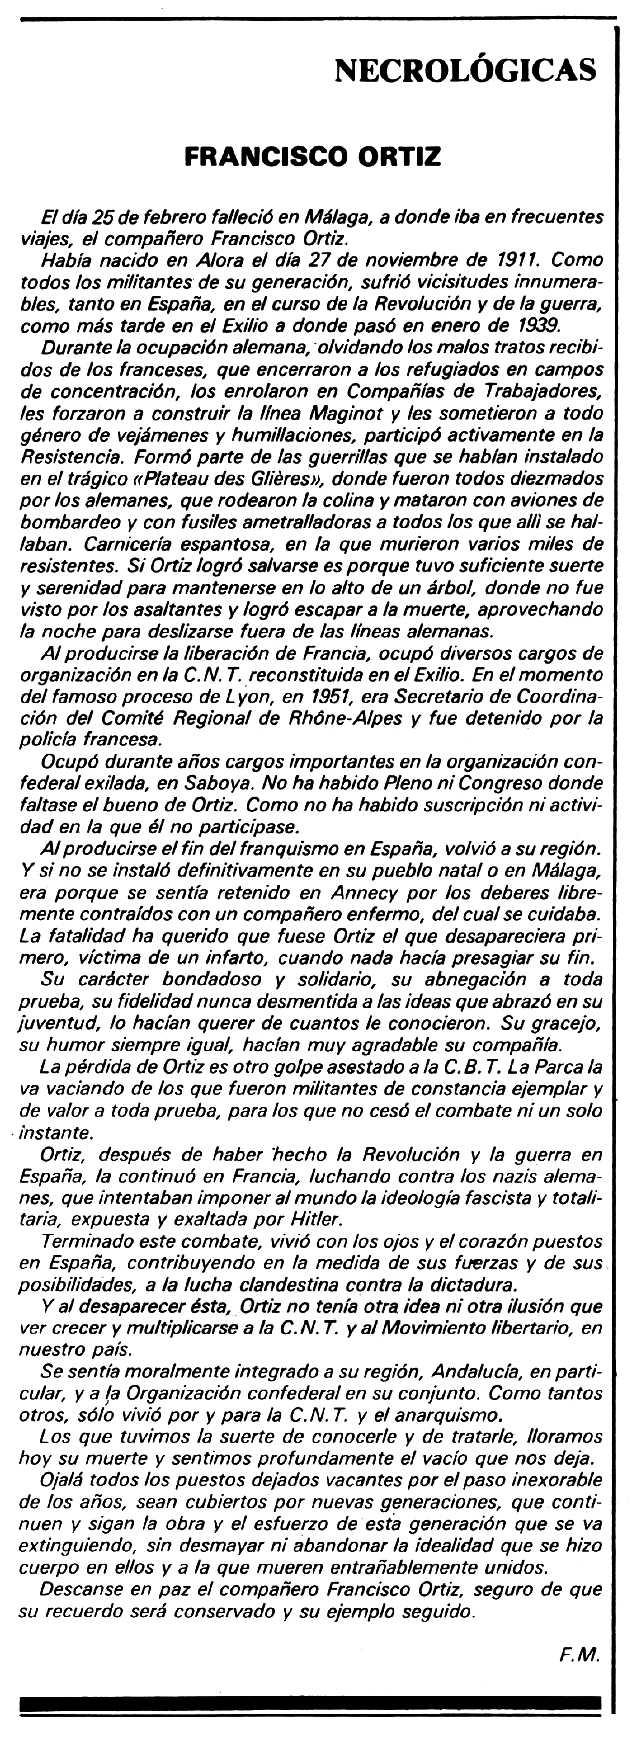 """Necrològica de Francisco Ortiz Pérez apareguda en el periòdic tolosà """"Espoir"""" del 22 de març de 1981"""